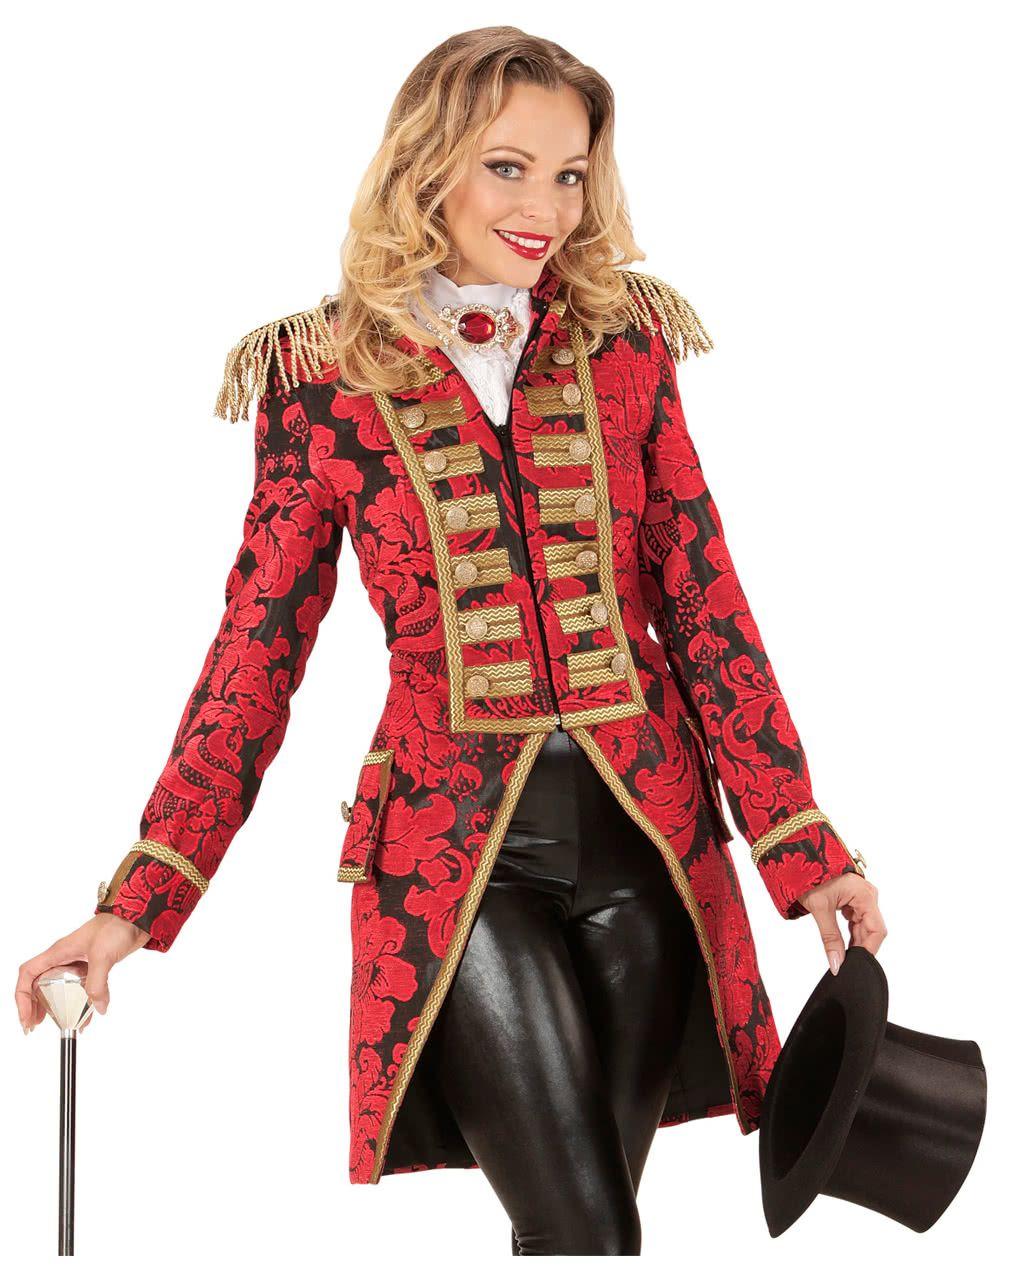 Rot goldener venezianischer Damenfrack | Karneval kostüm